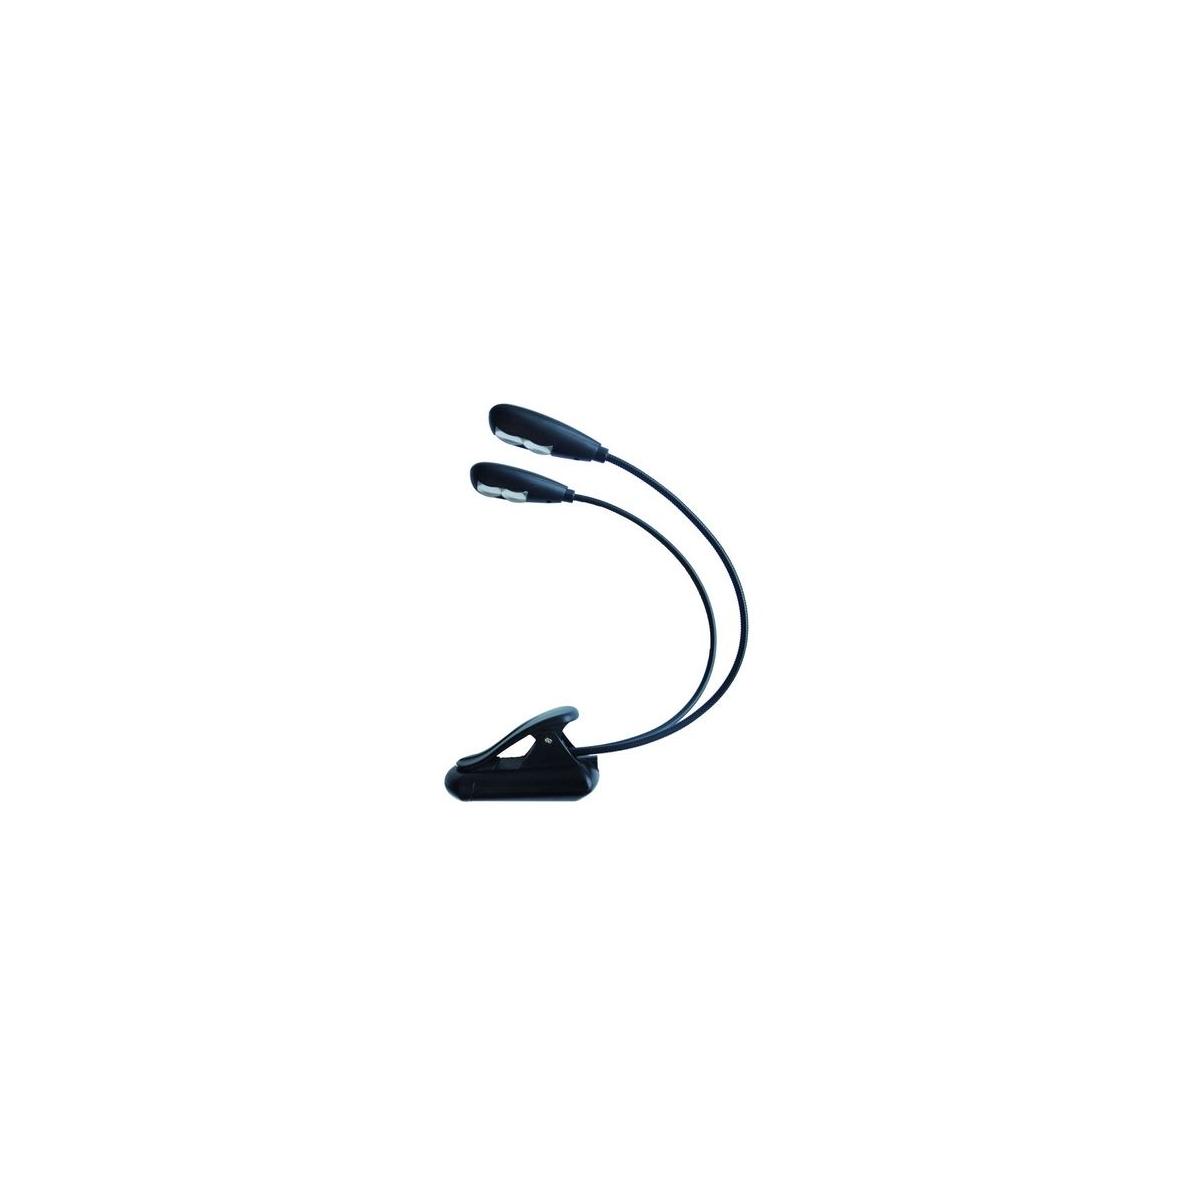 Accessoires claviers et Synthé - Power Acoustics - Accessoires - LM 40